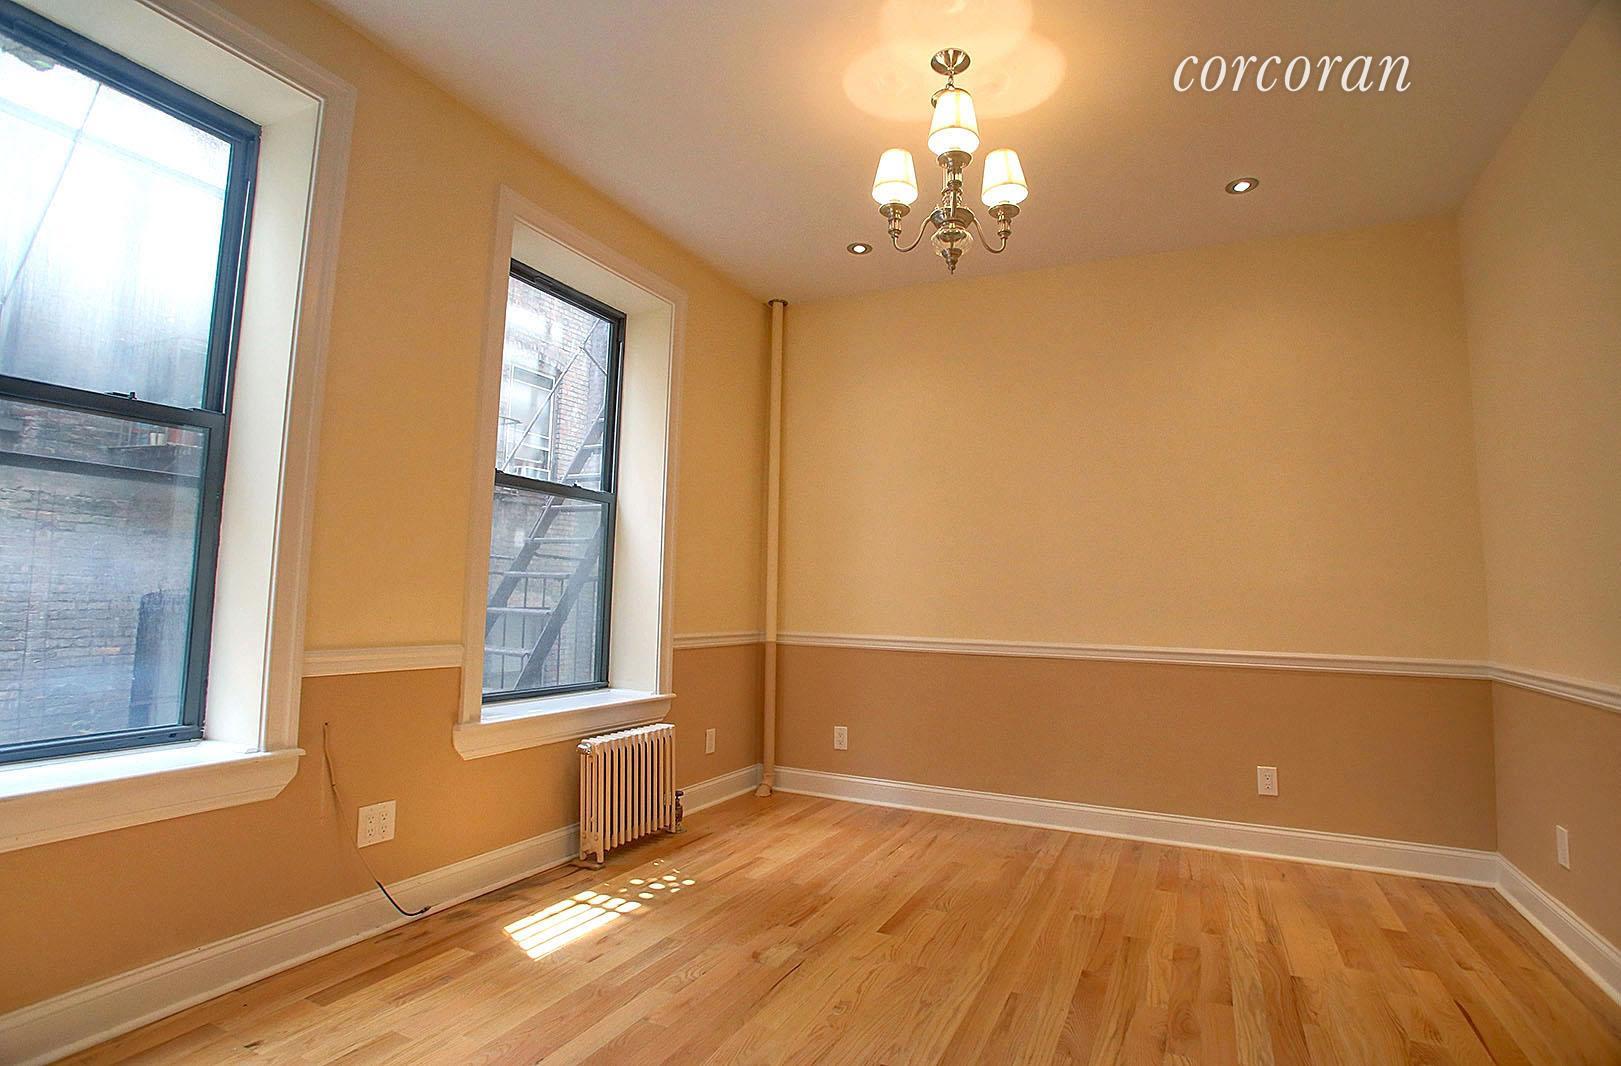 304 West 102nd Street, Apt 3-B, Manhattan, New York 10025